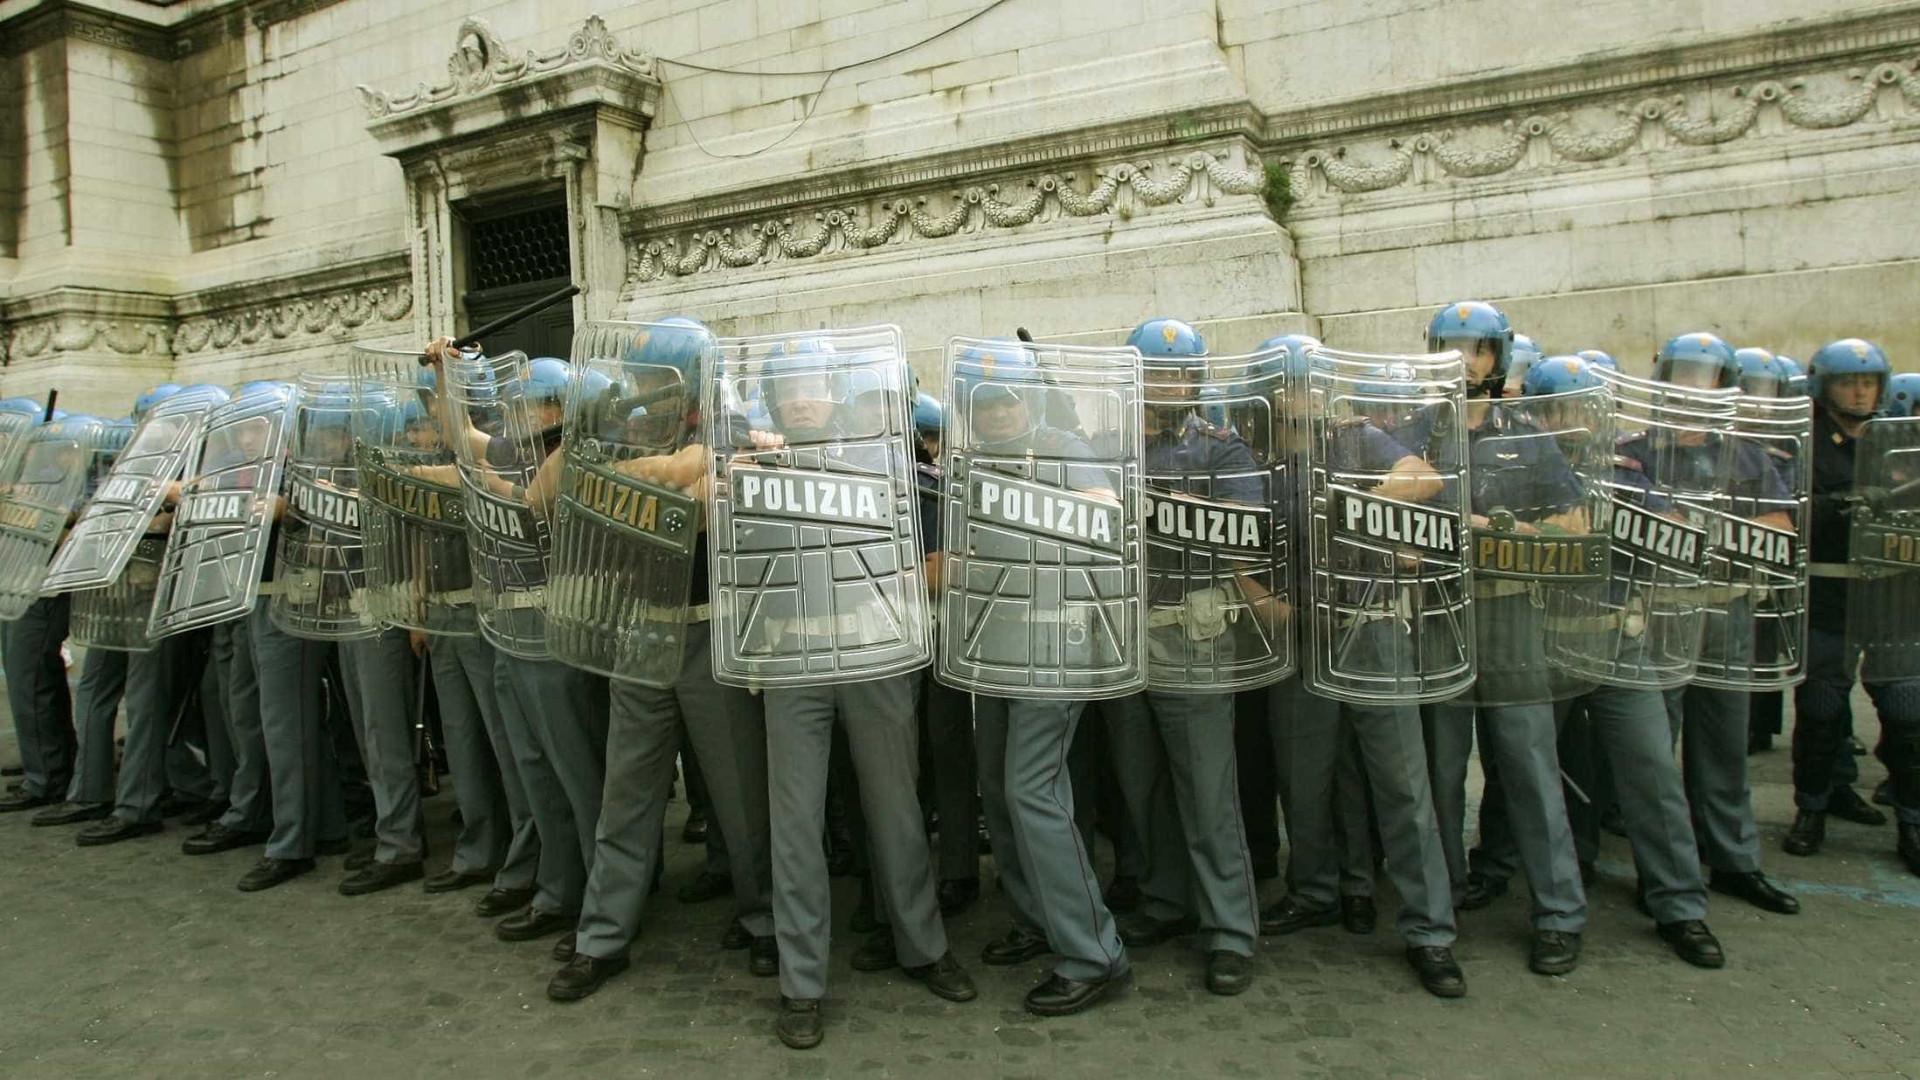 Anarquistas reivindicam bomba contra polícia em Roma